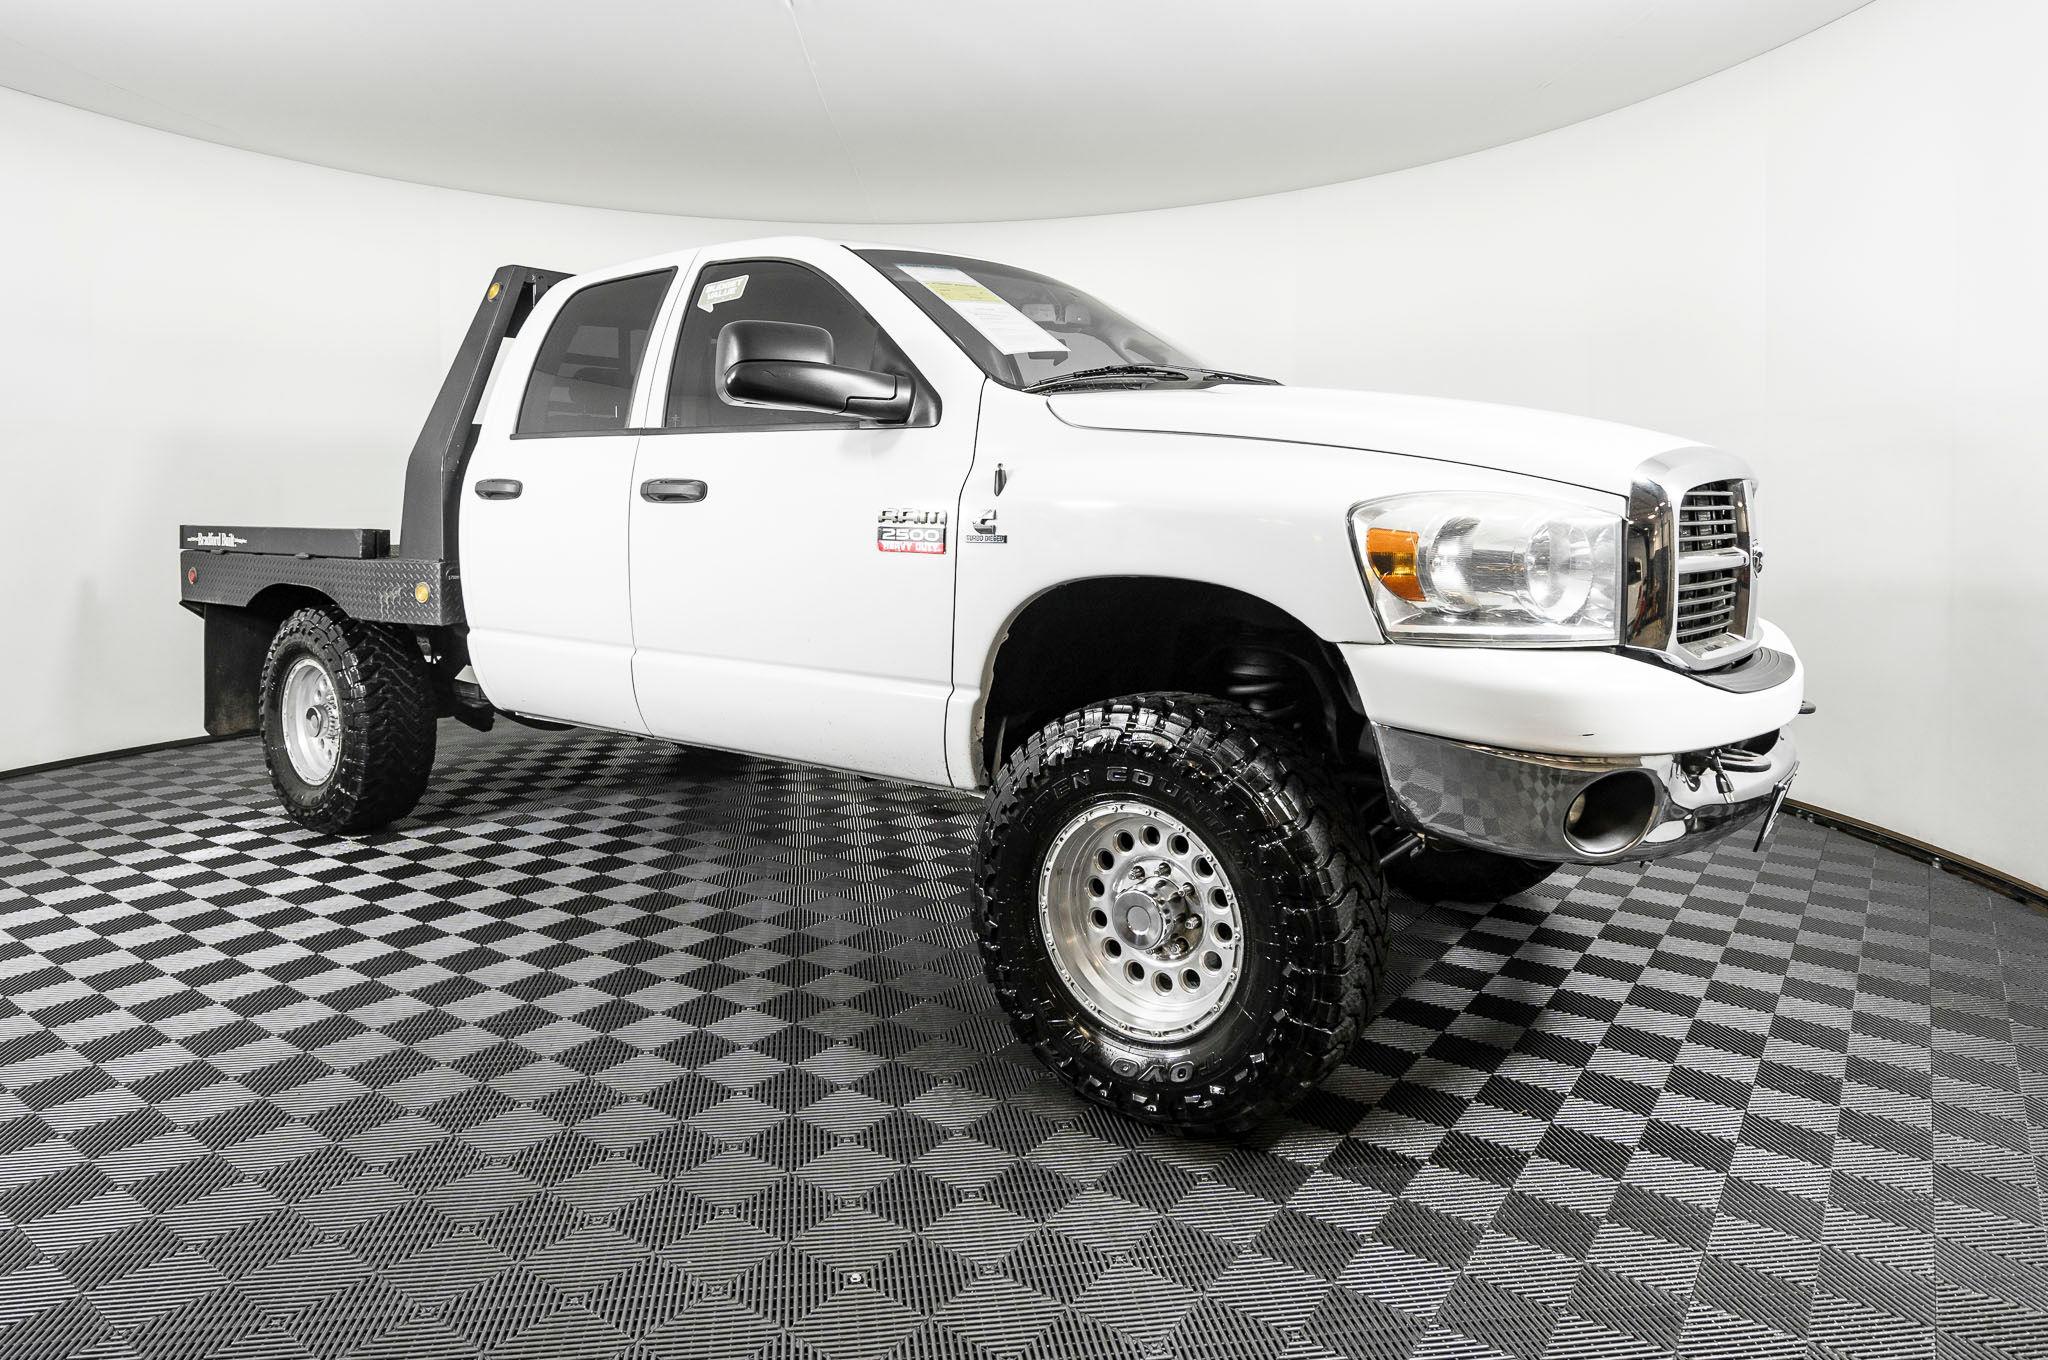 Used 2007 Dodge Ram 2500 Slt Flatbed 4x4 Diesel Truck For Sale Northwest Motorsport